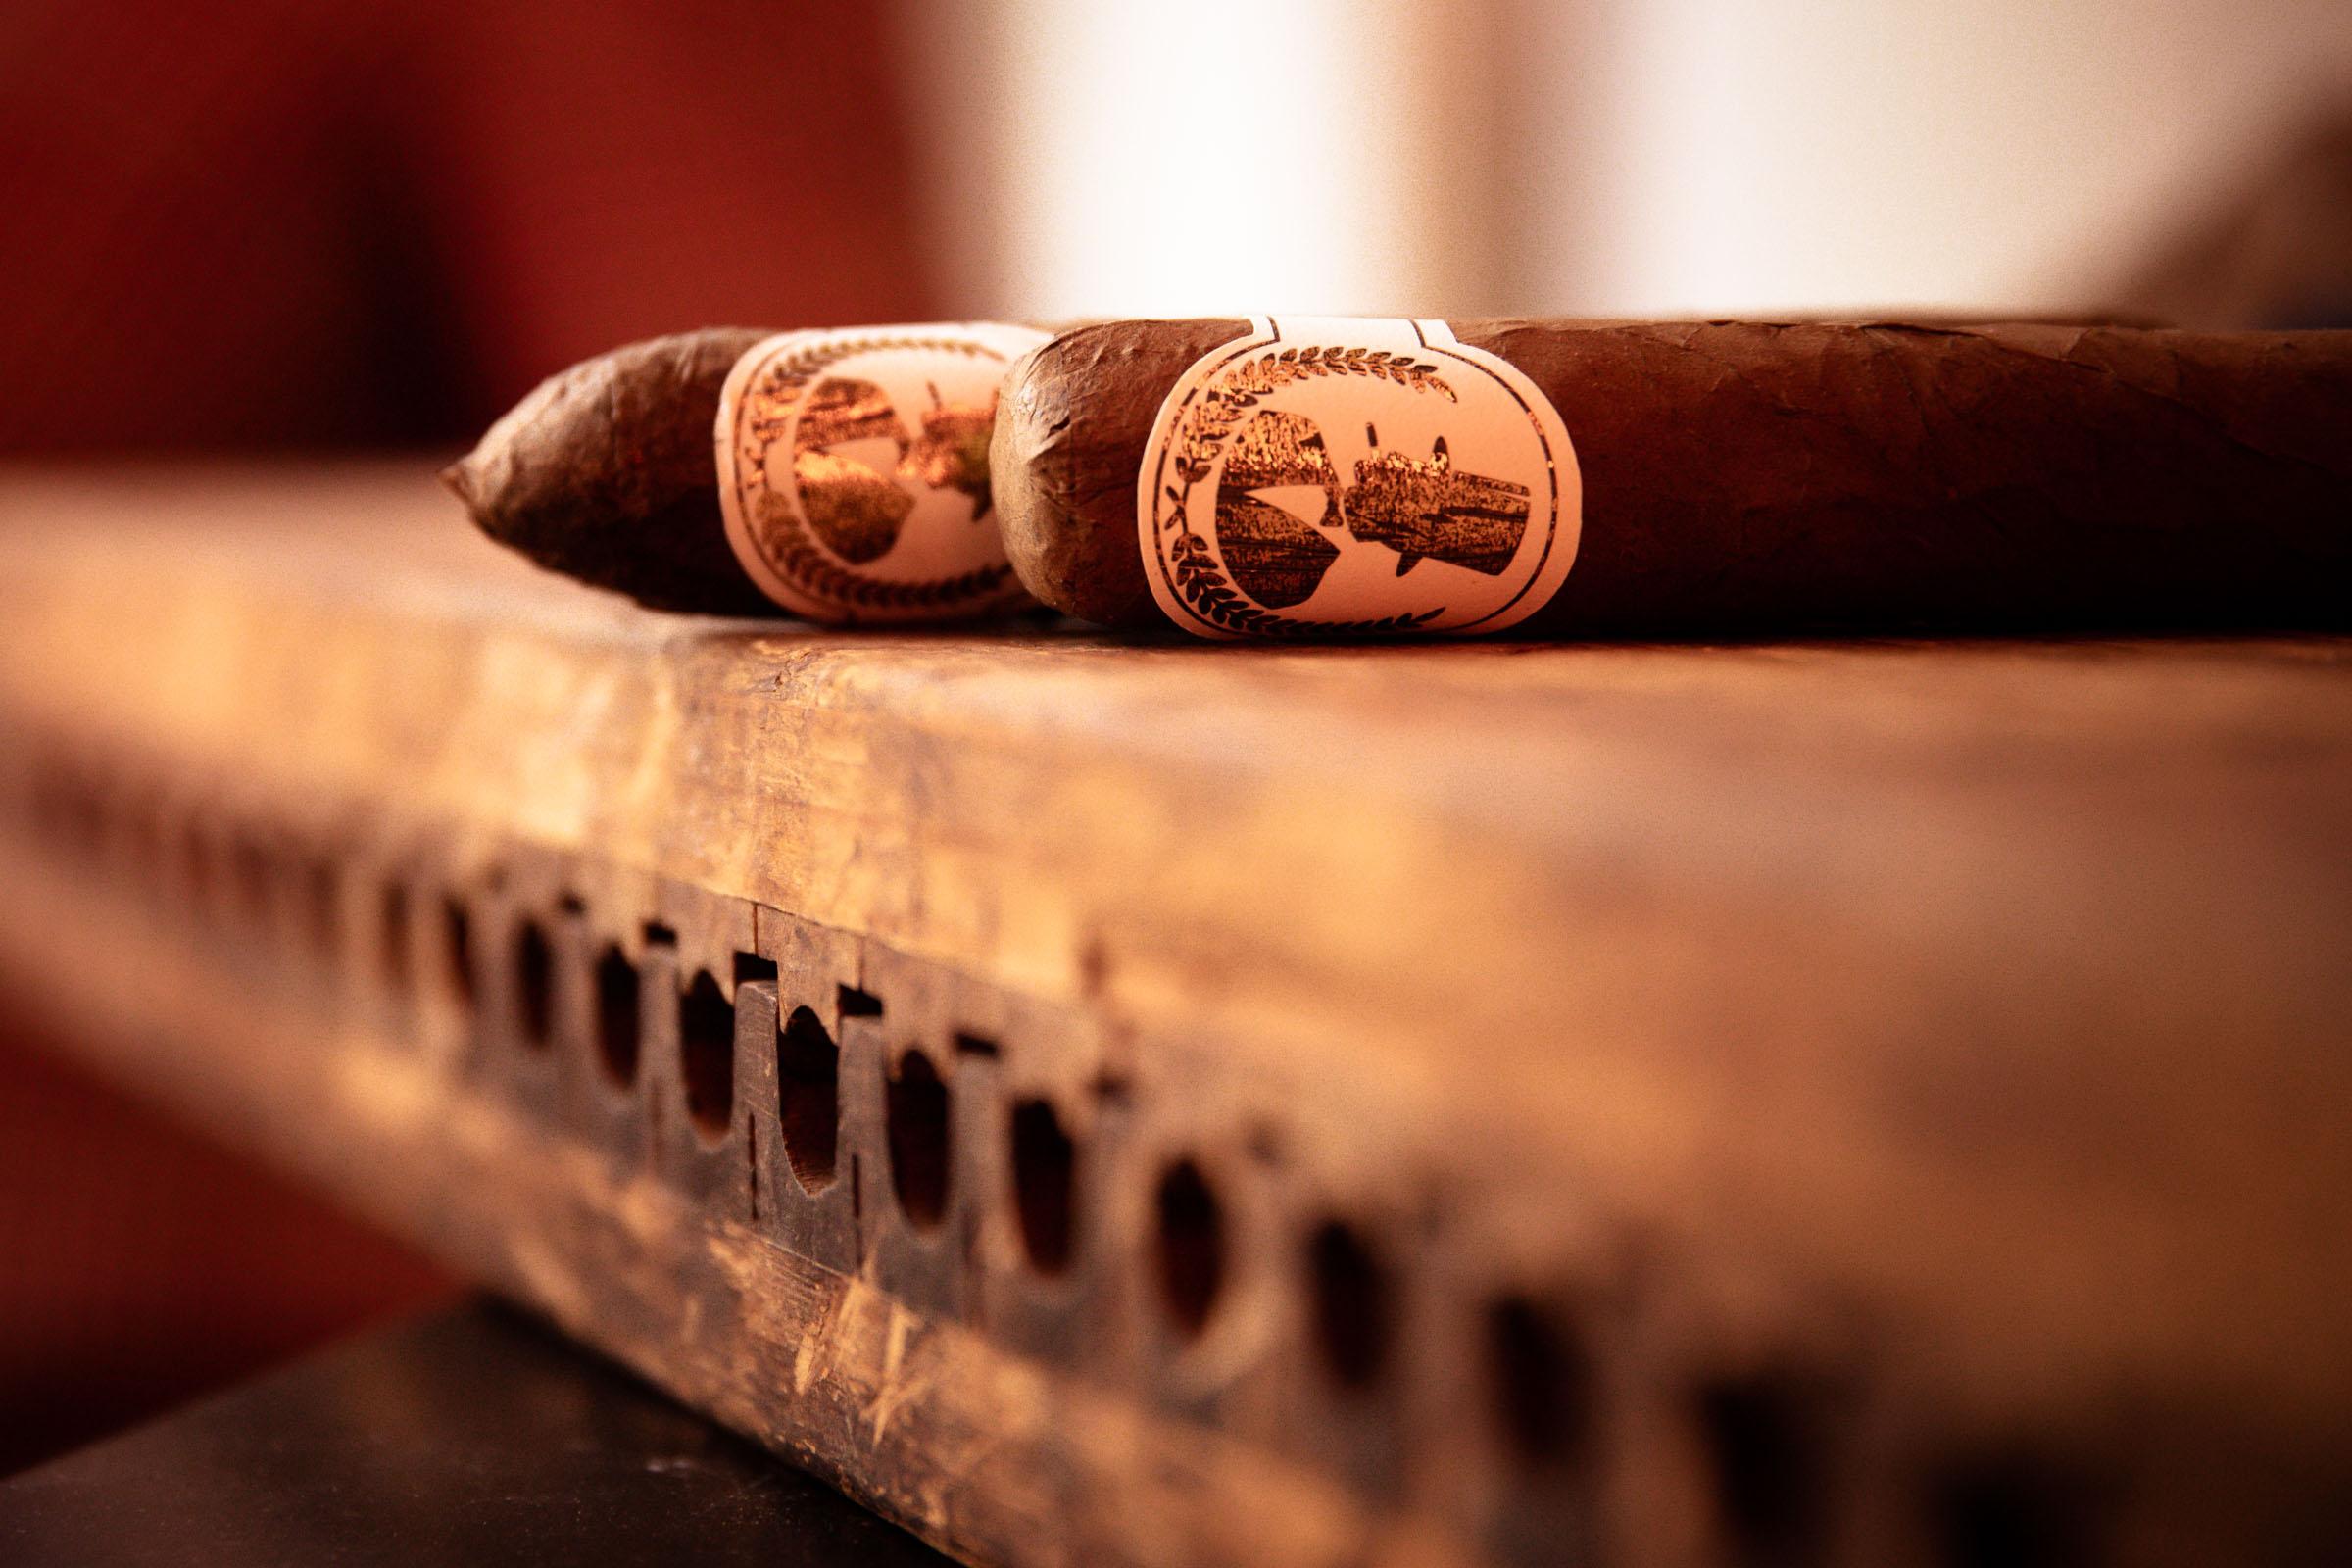 Zigarrenroller |Zigarrendreher | Handgefertigt | Individuell | Hochzeit | Event |Messe |Business |Bestellen |Kaufen